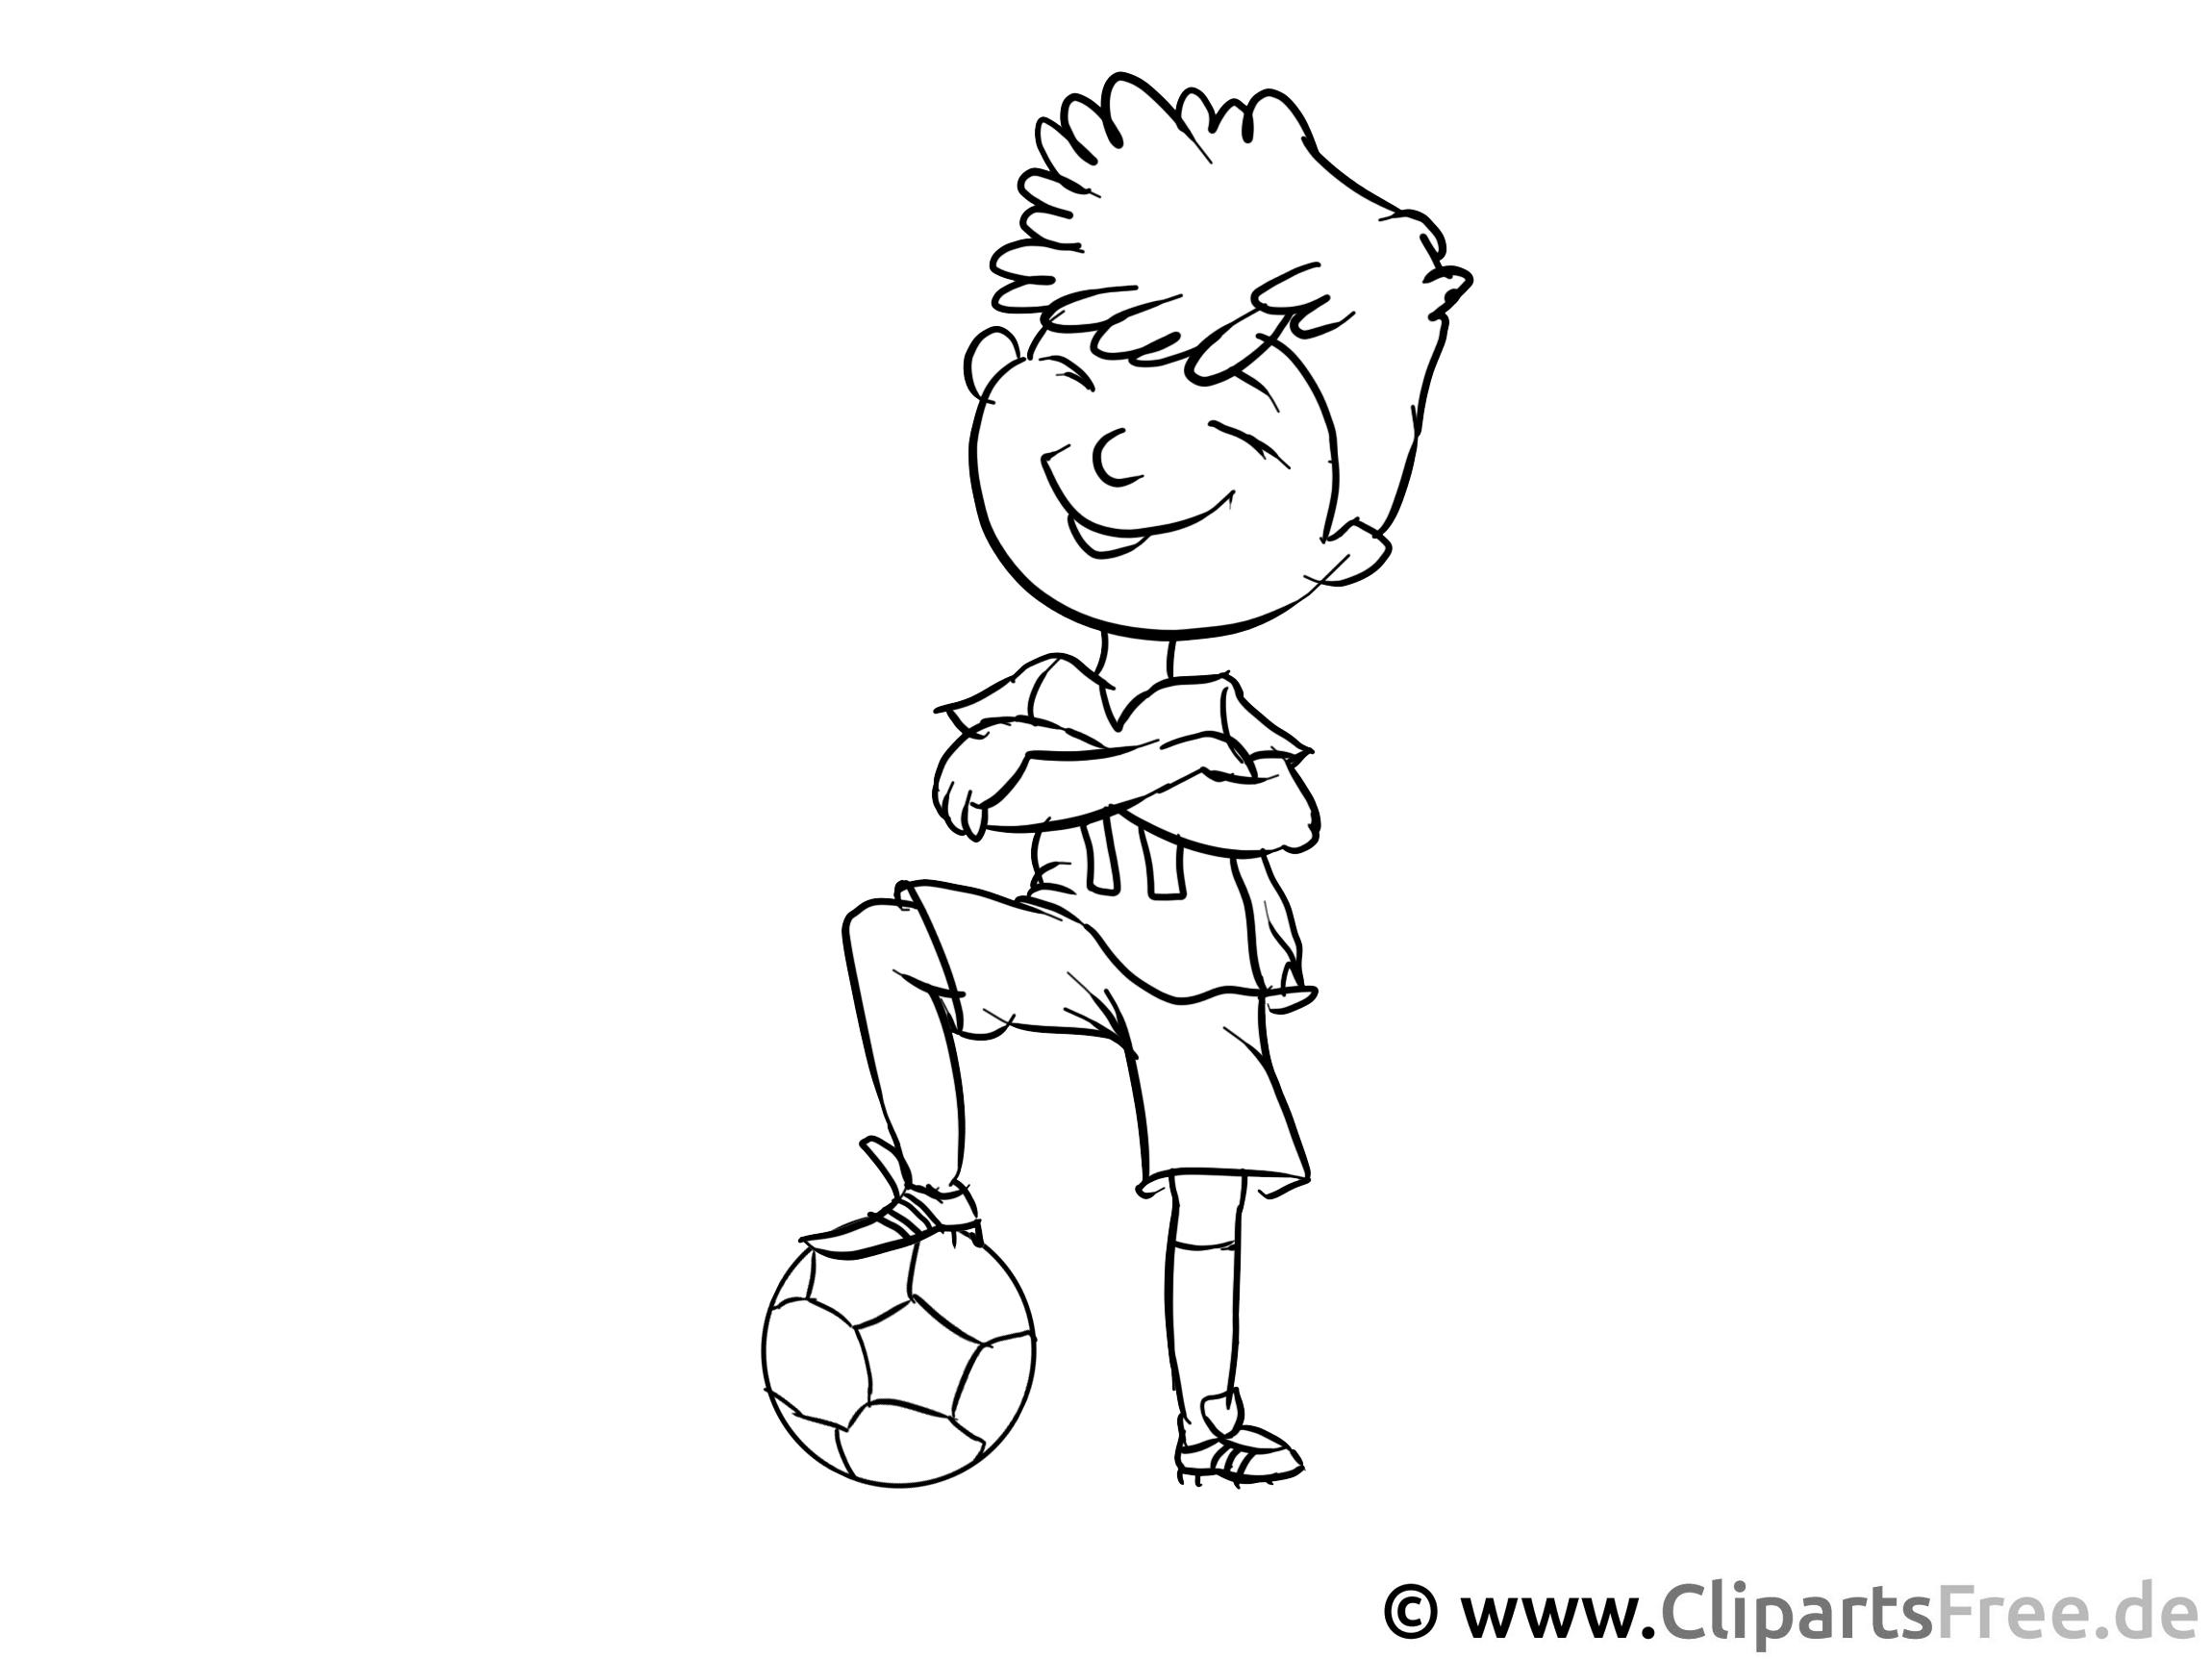 Fussballspieler Malvorlage - Arbeitsblätter und Malvorlagen Berufe